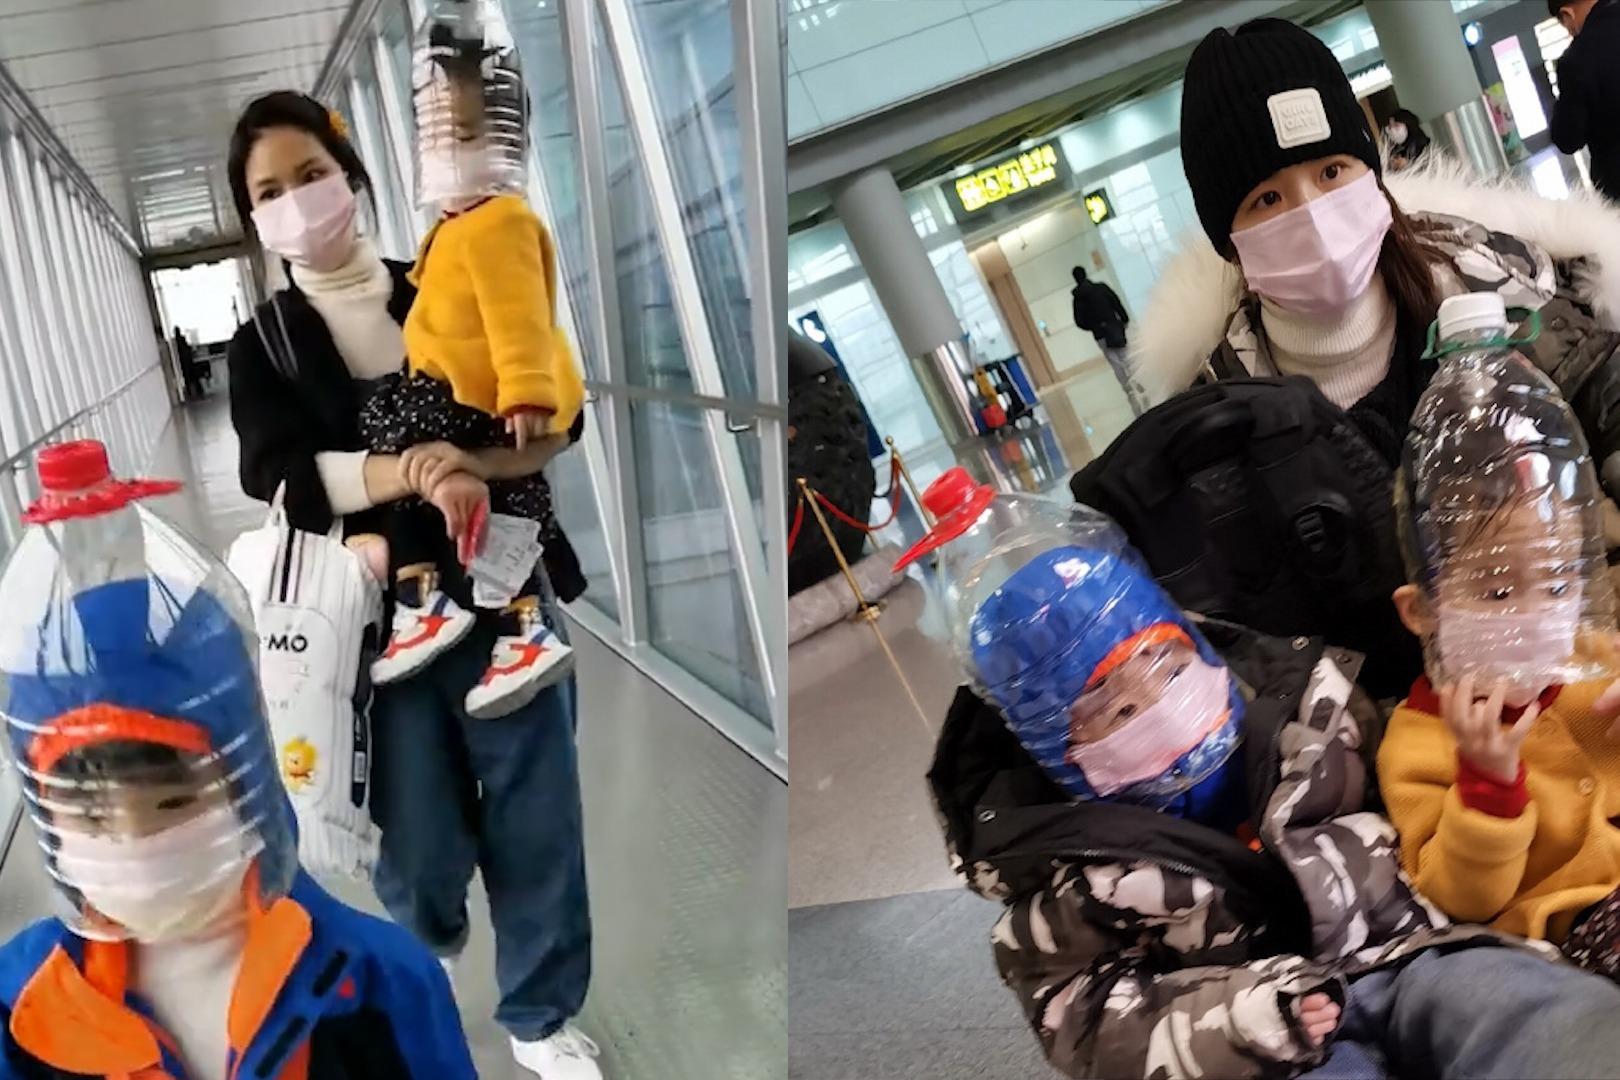 全副武装!黄英一家硬核防疫,用塑料瓶自制面罩全方位无死角防护